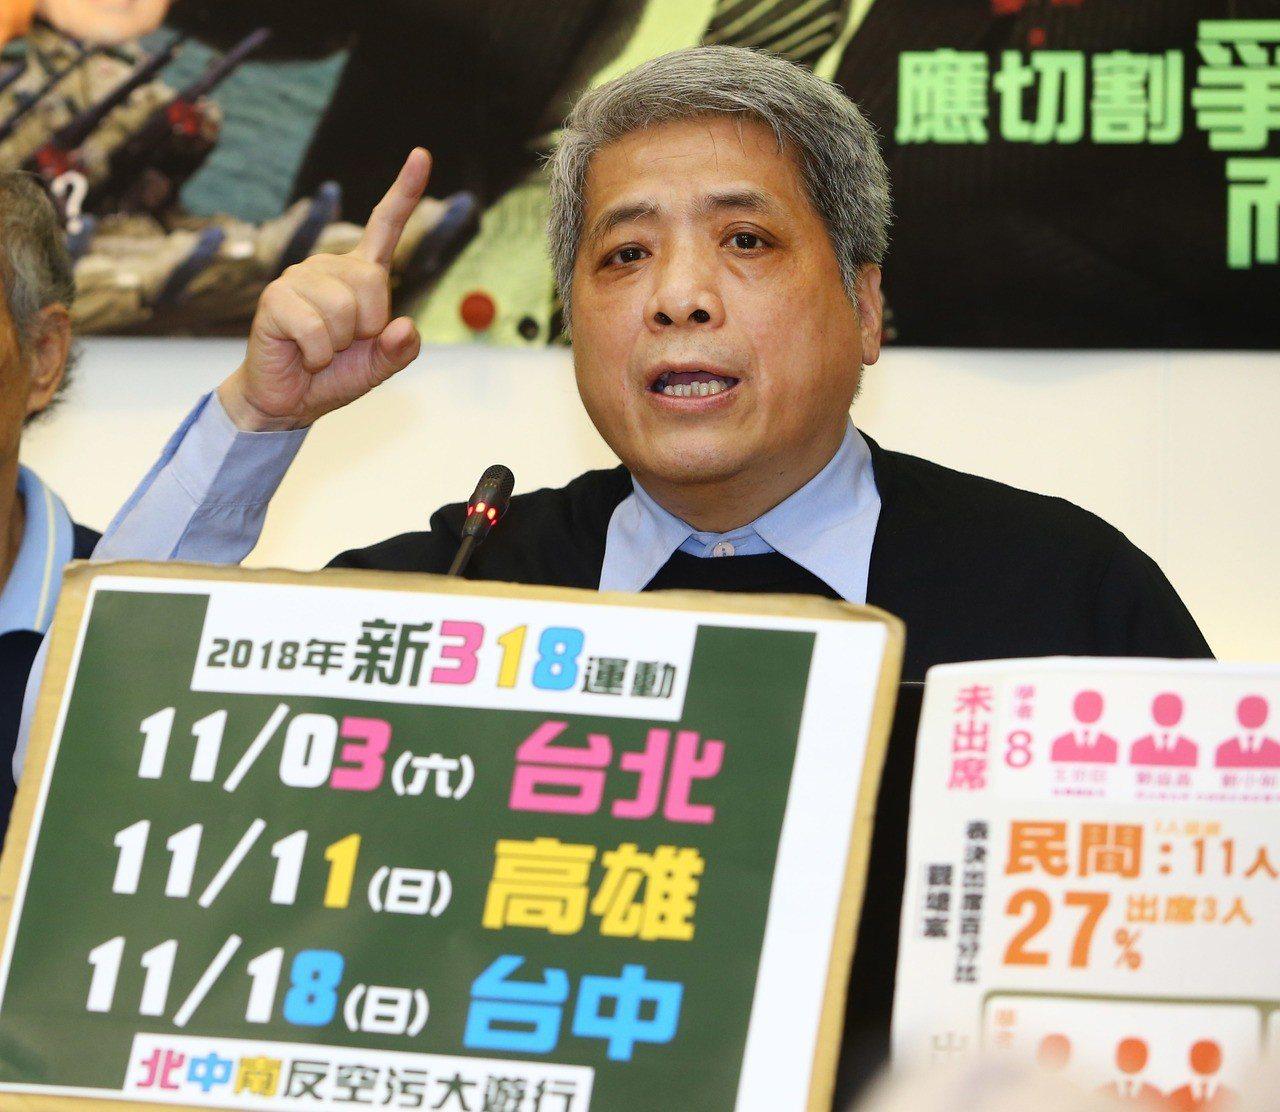 台灣健康空氣行動聯盟理事長葉光芃宣布在北中南舉行「救藻礁」和「反空污」大遊行,表...